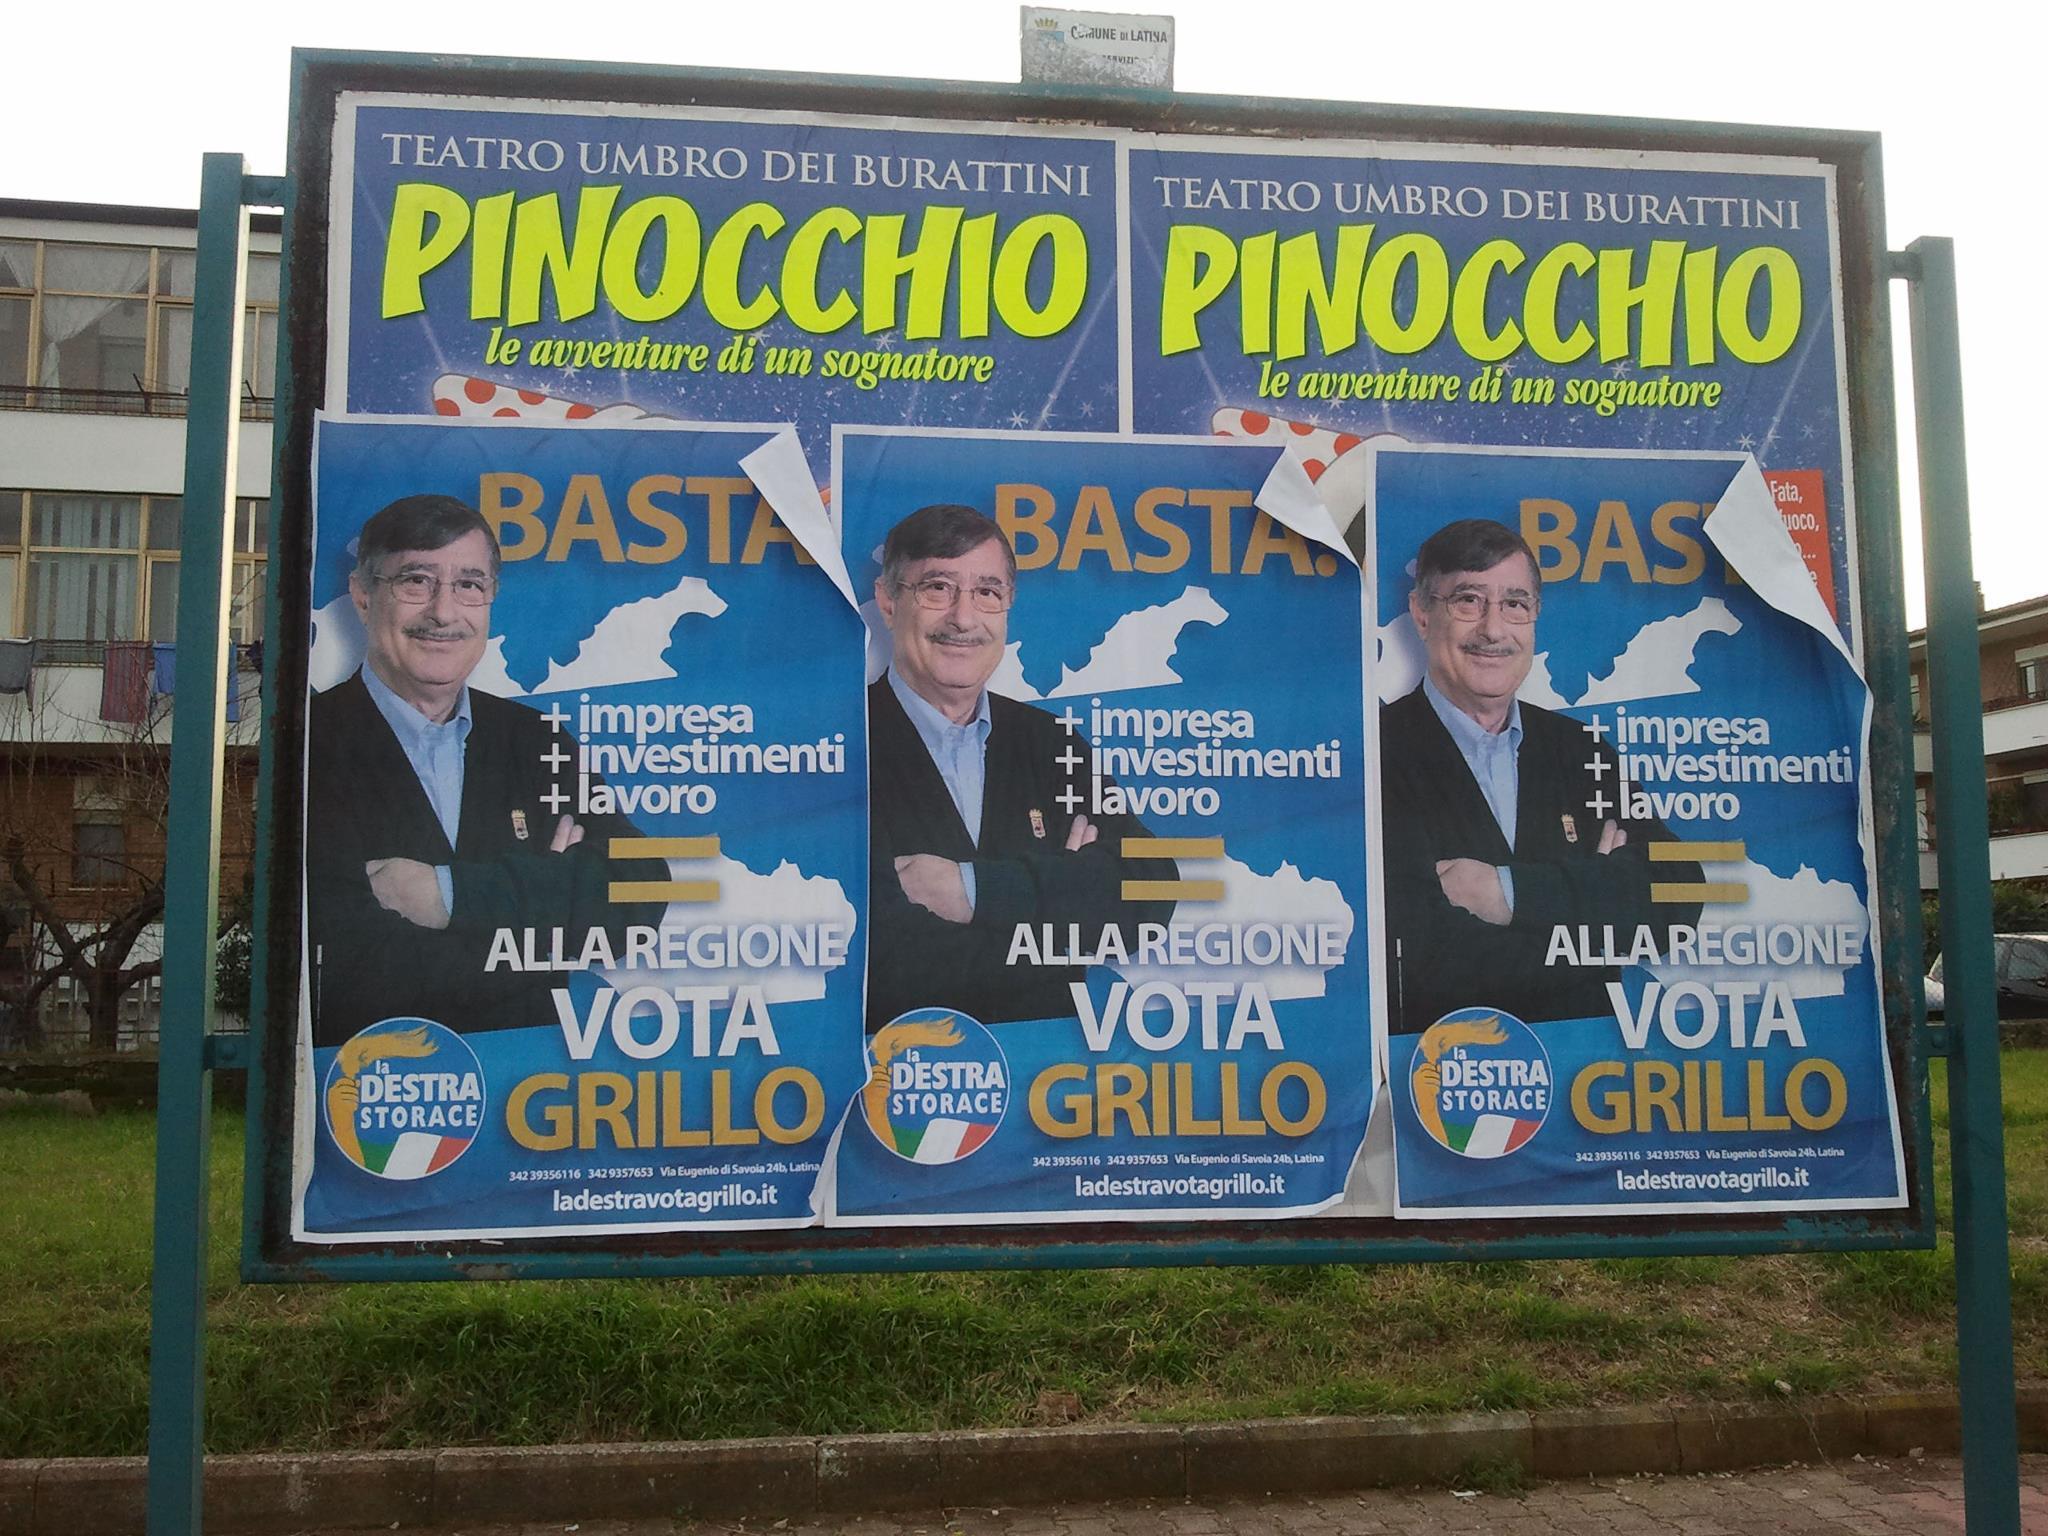 La Destra, Grillo